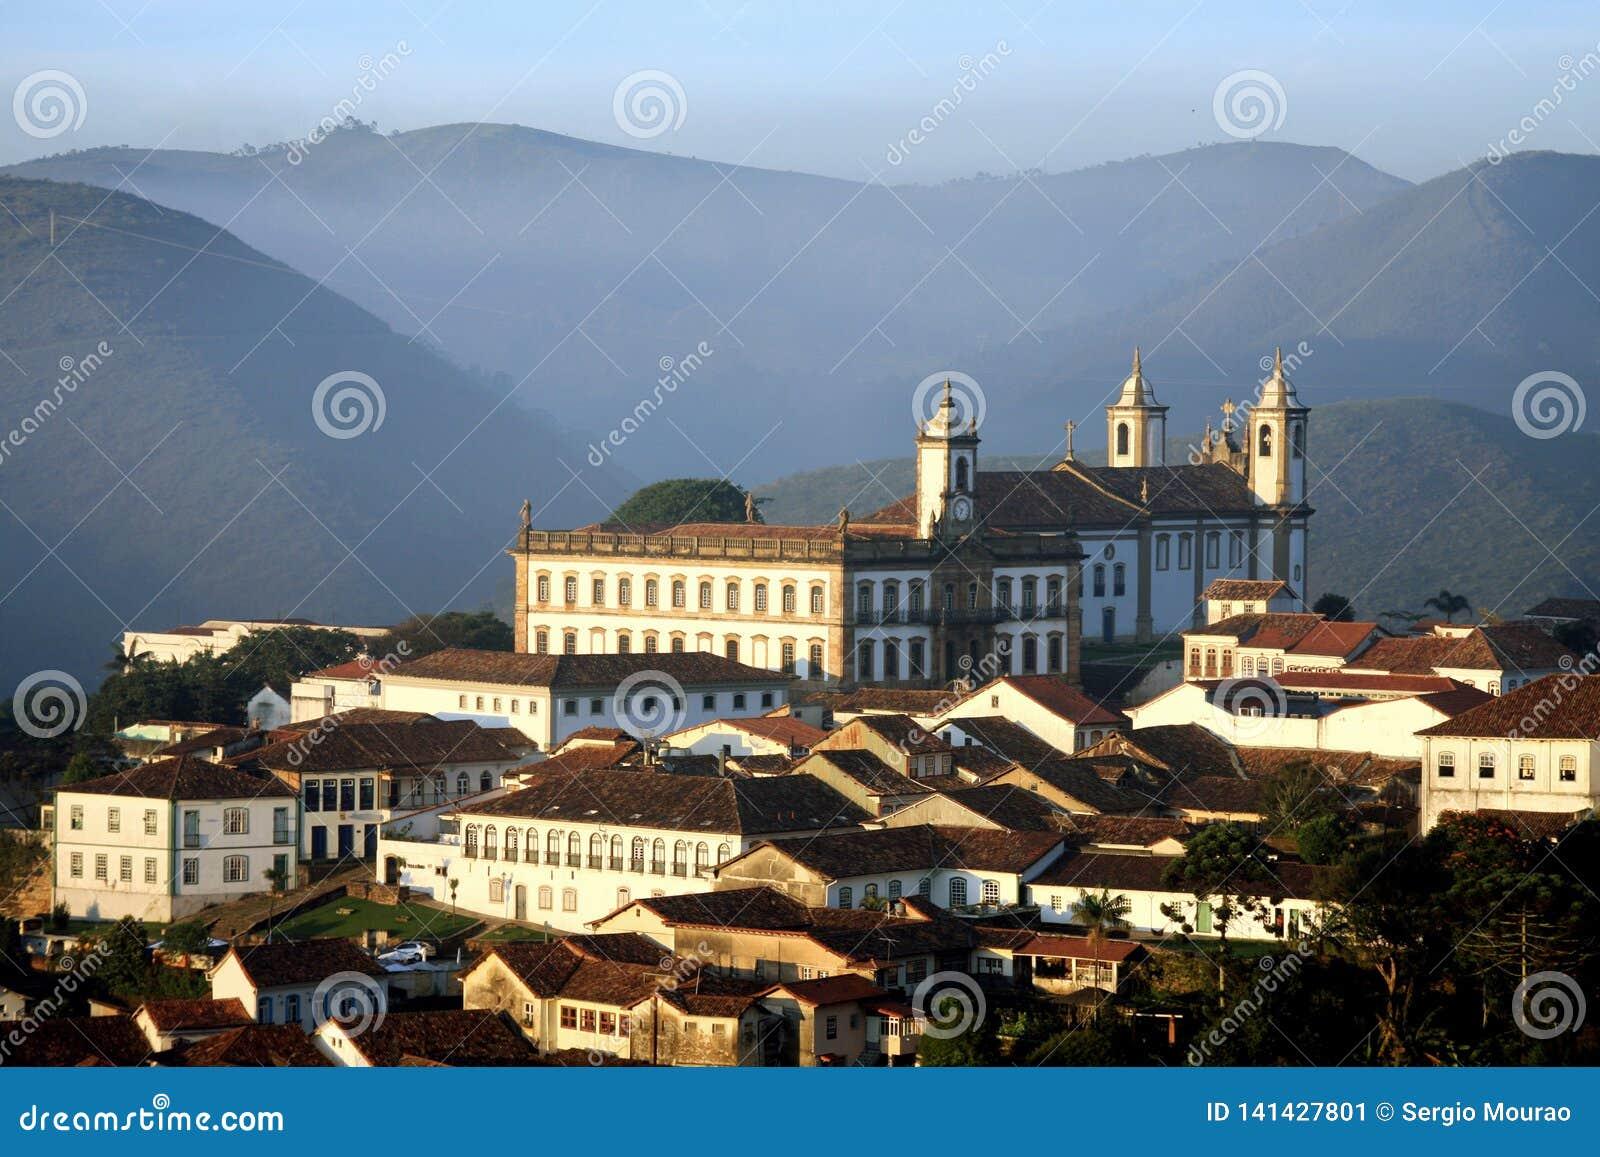 Dawn in Ouro Preto partial view